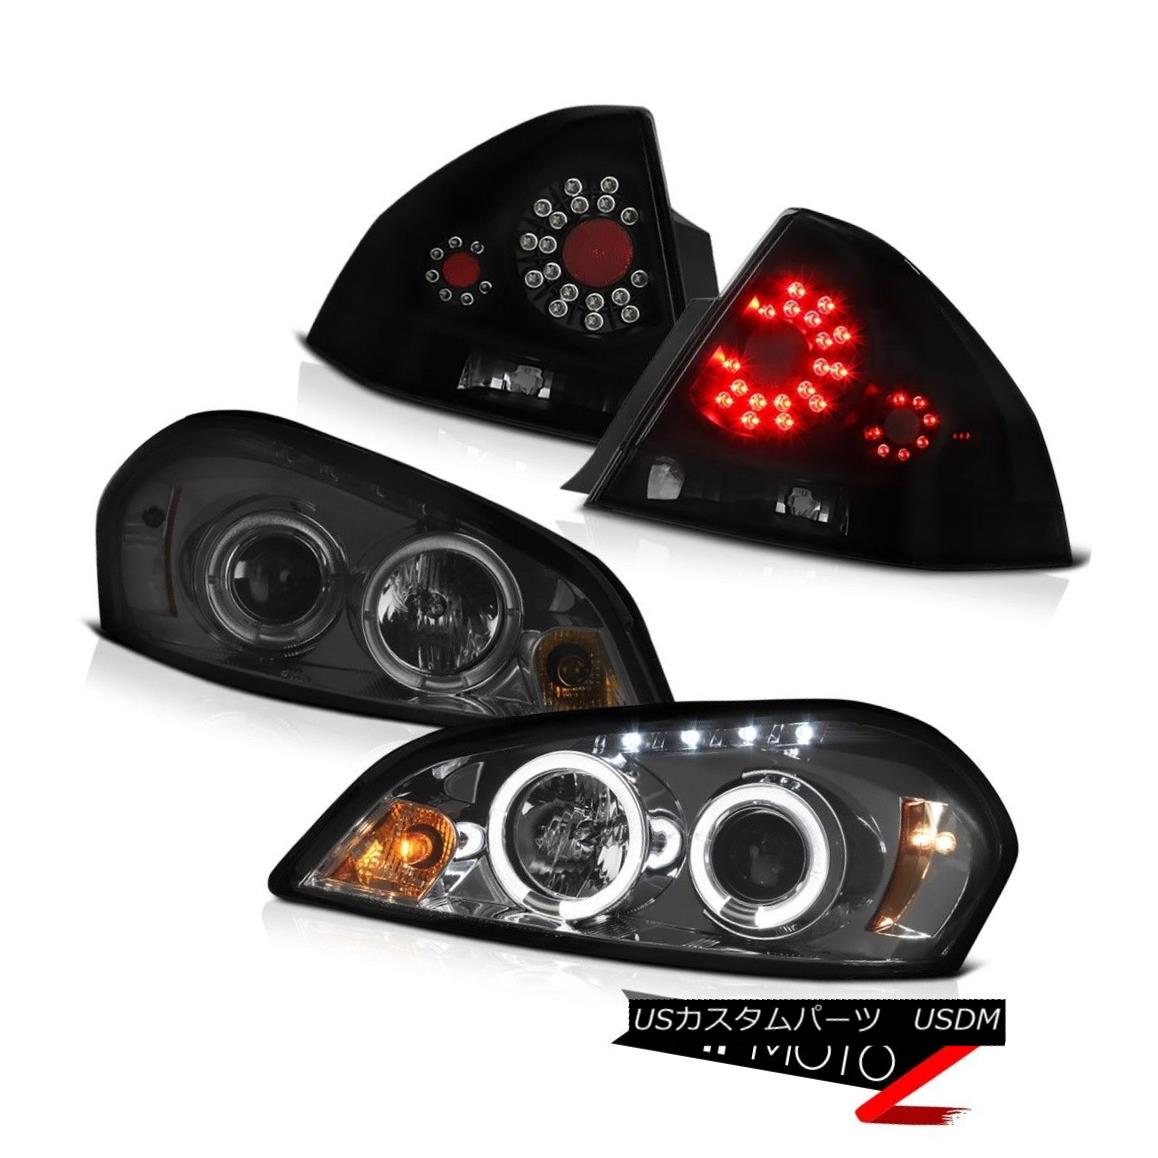 テールライト 06-13 Chevy Impala LT Rear Brake Lights Smoked Projector Headlamps SMD Halo Rim 06-13シボレーインパラLTリアブレーキライトスモークプロジェクターヘッドランプSMD Halo Rim